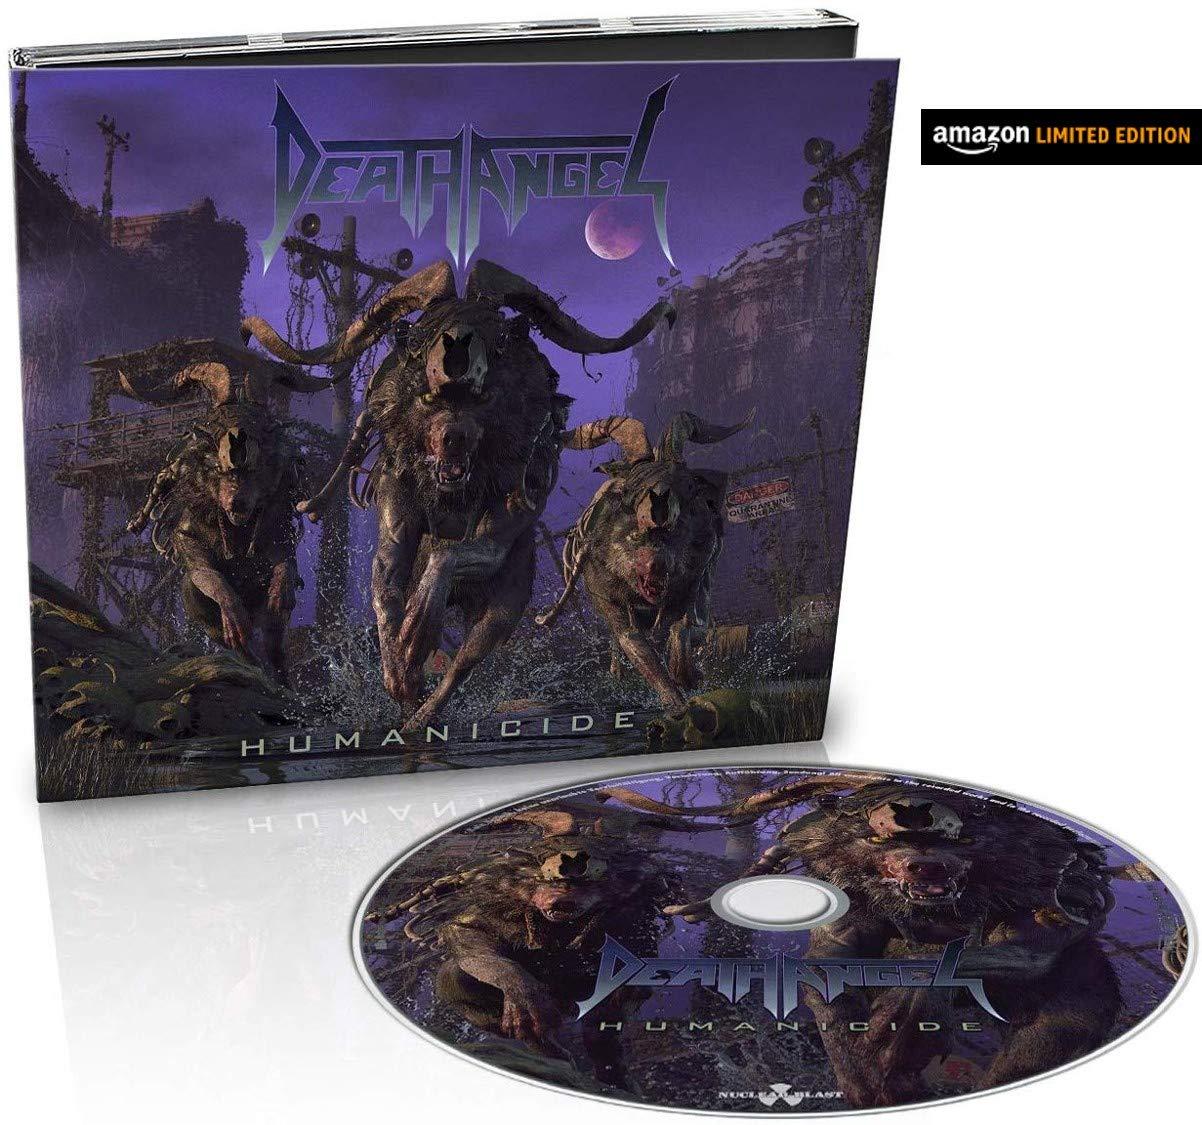 Death Angel -Humanicide : Death Angel, Death Angel: Amazon.es: Música